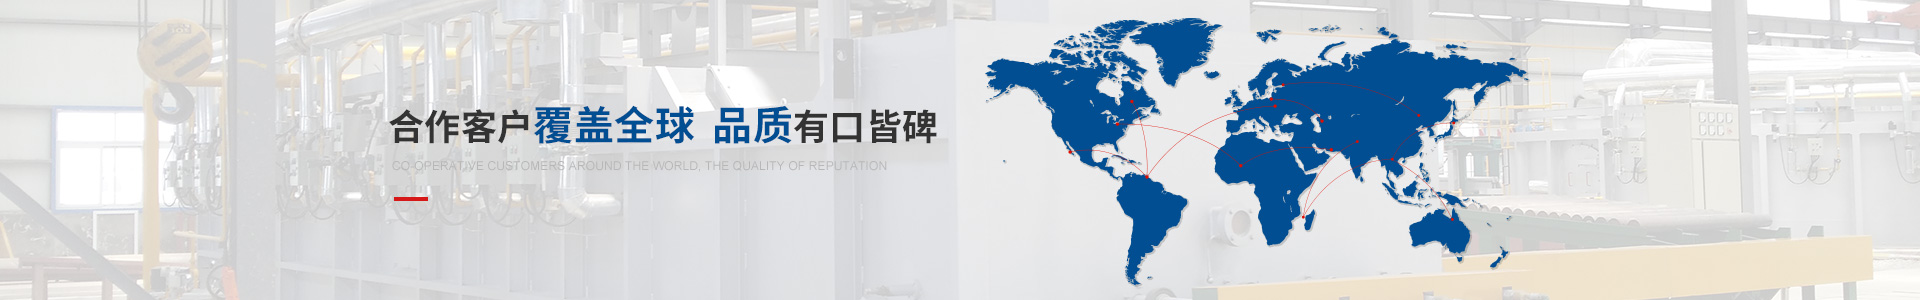 中门子合作客户覆盖全球,品质有口皆碑